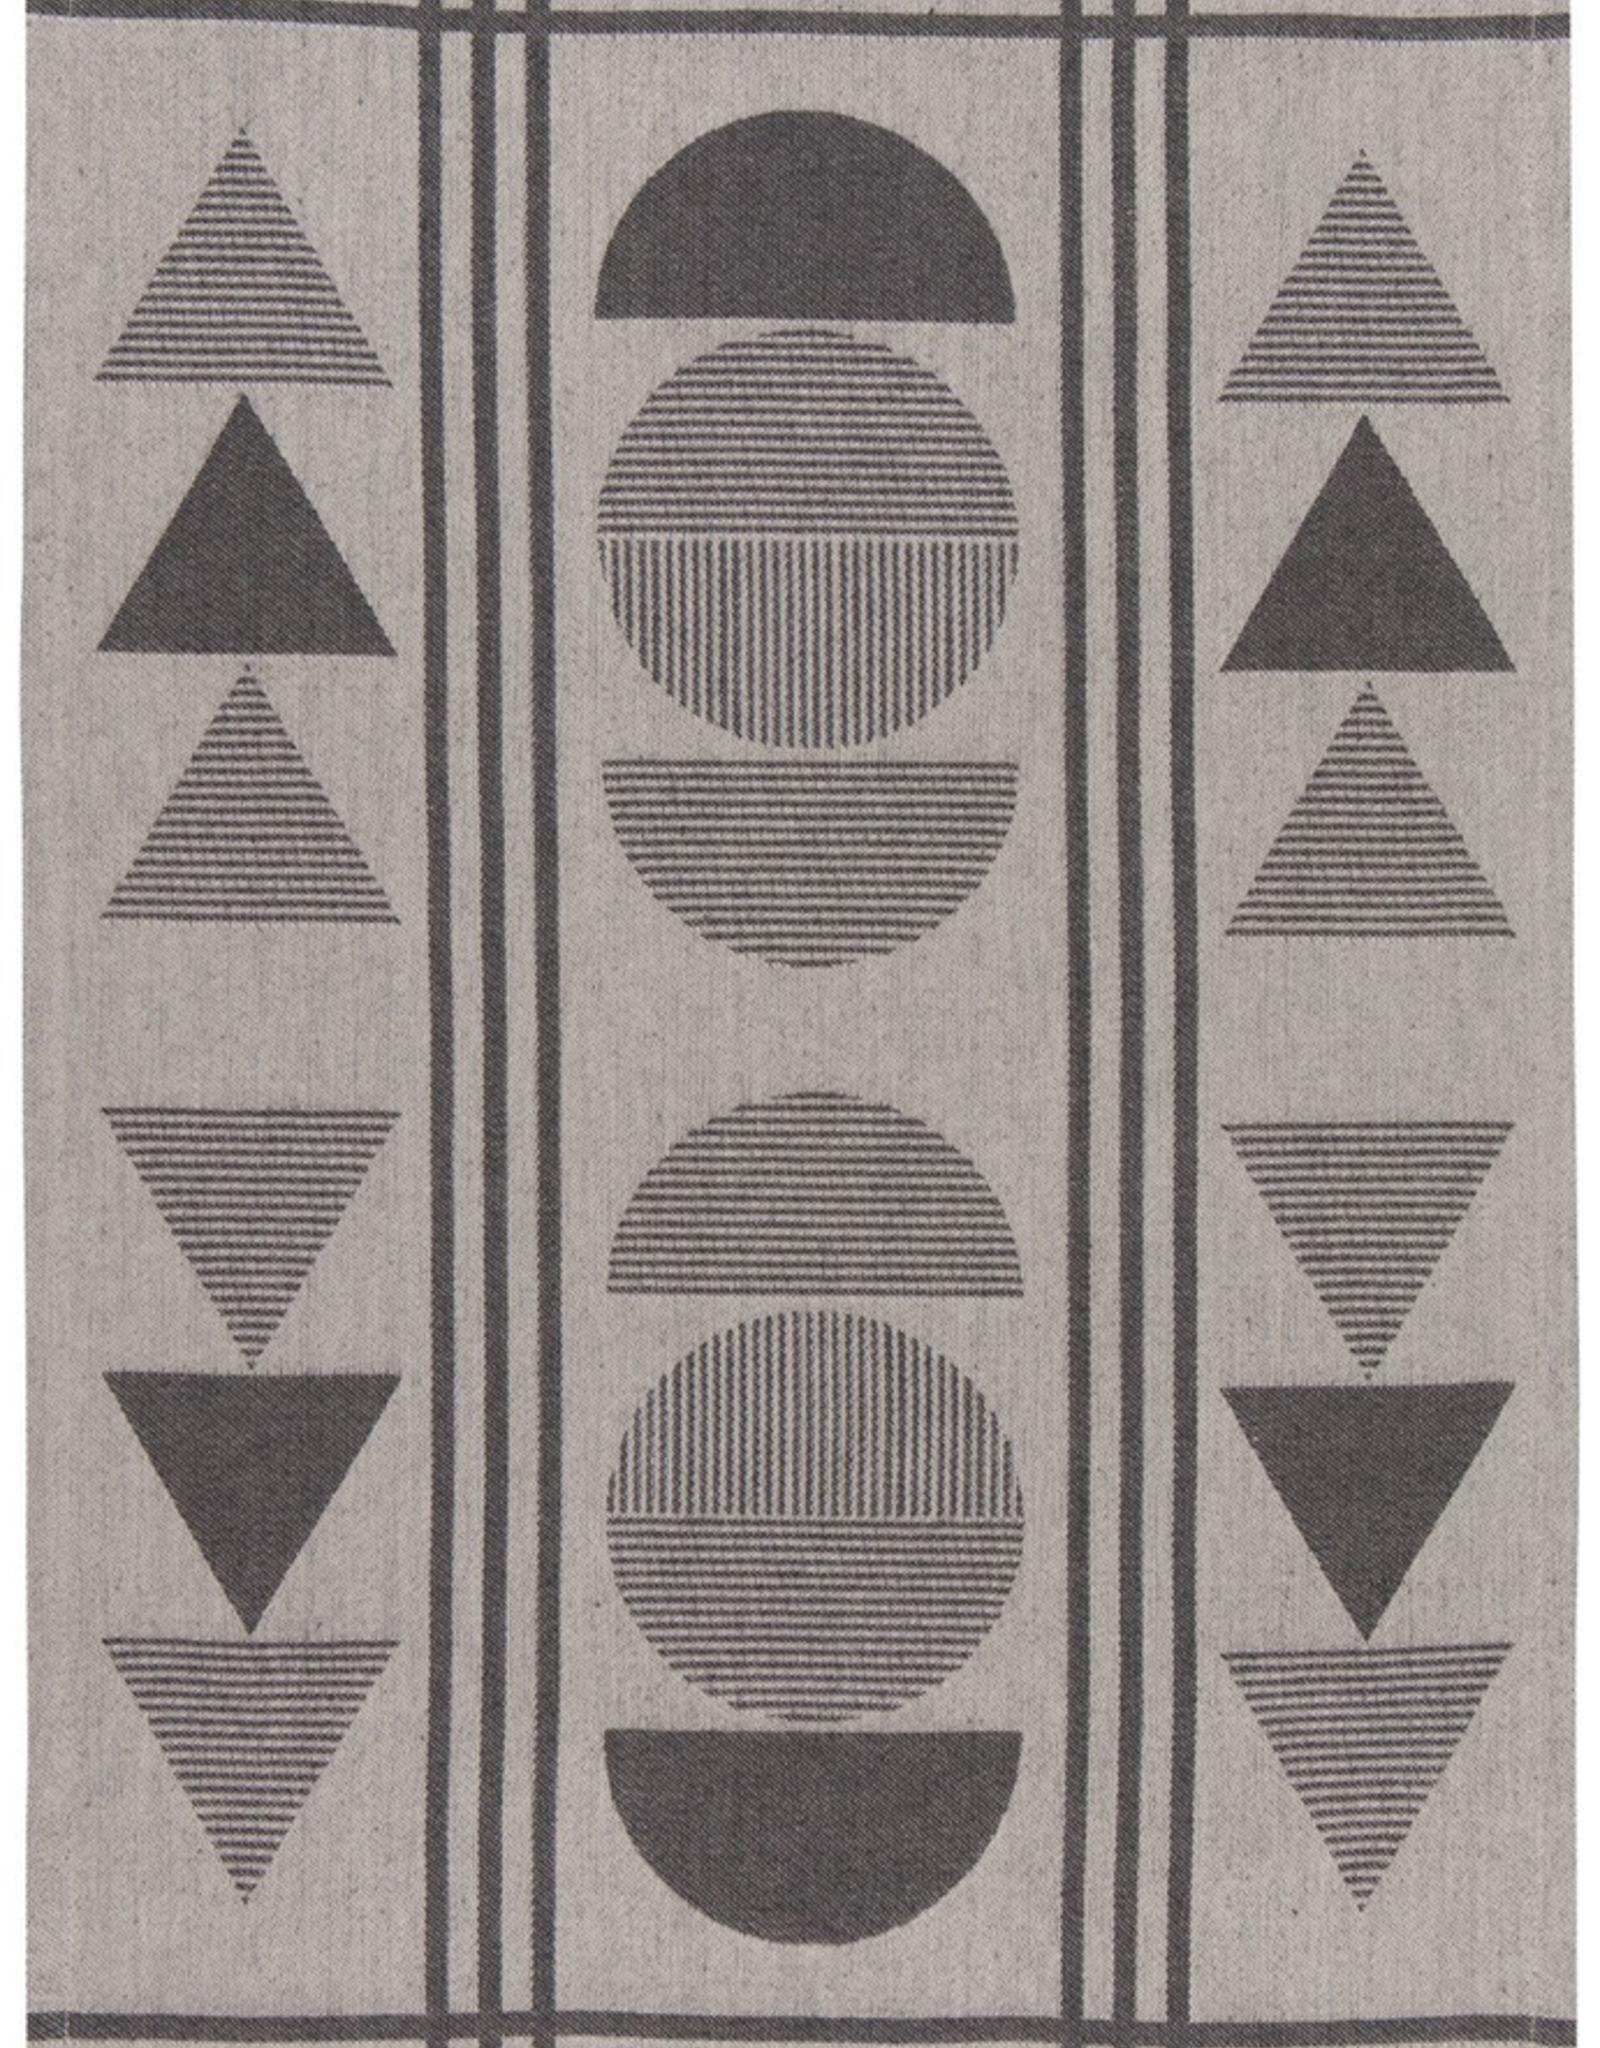 Eclipse Tea Towel